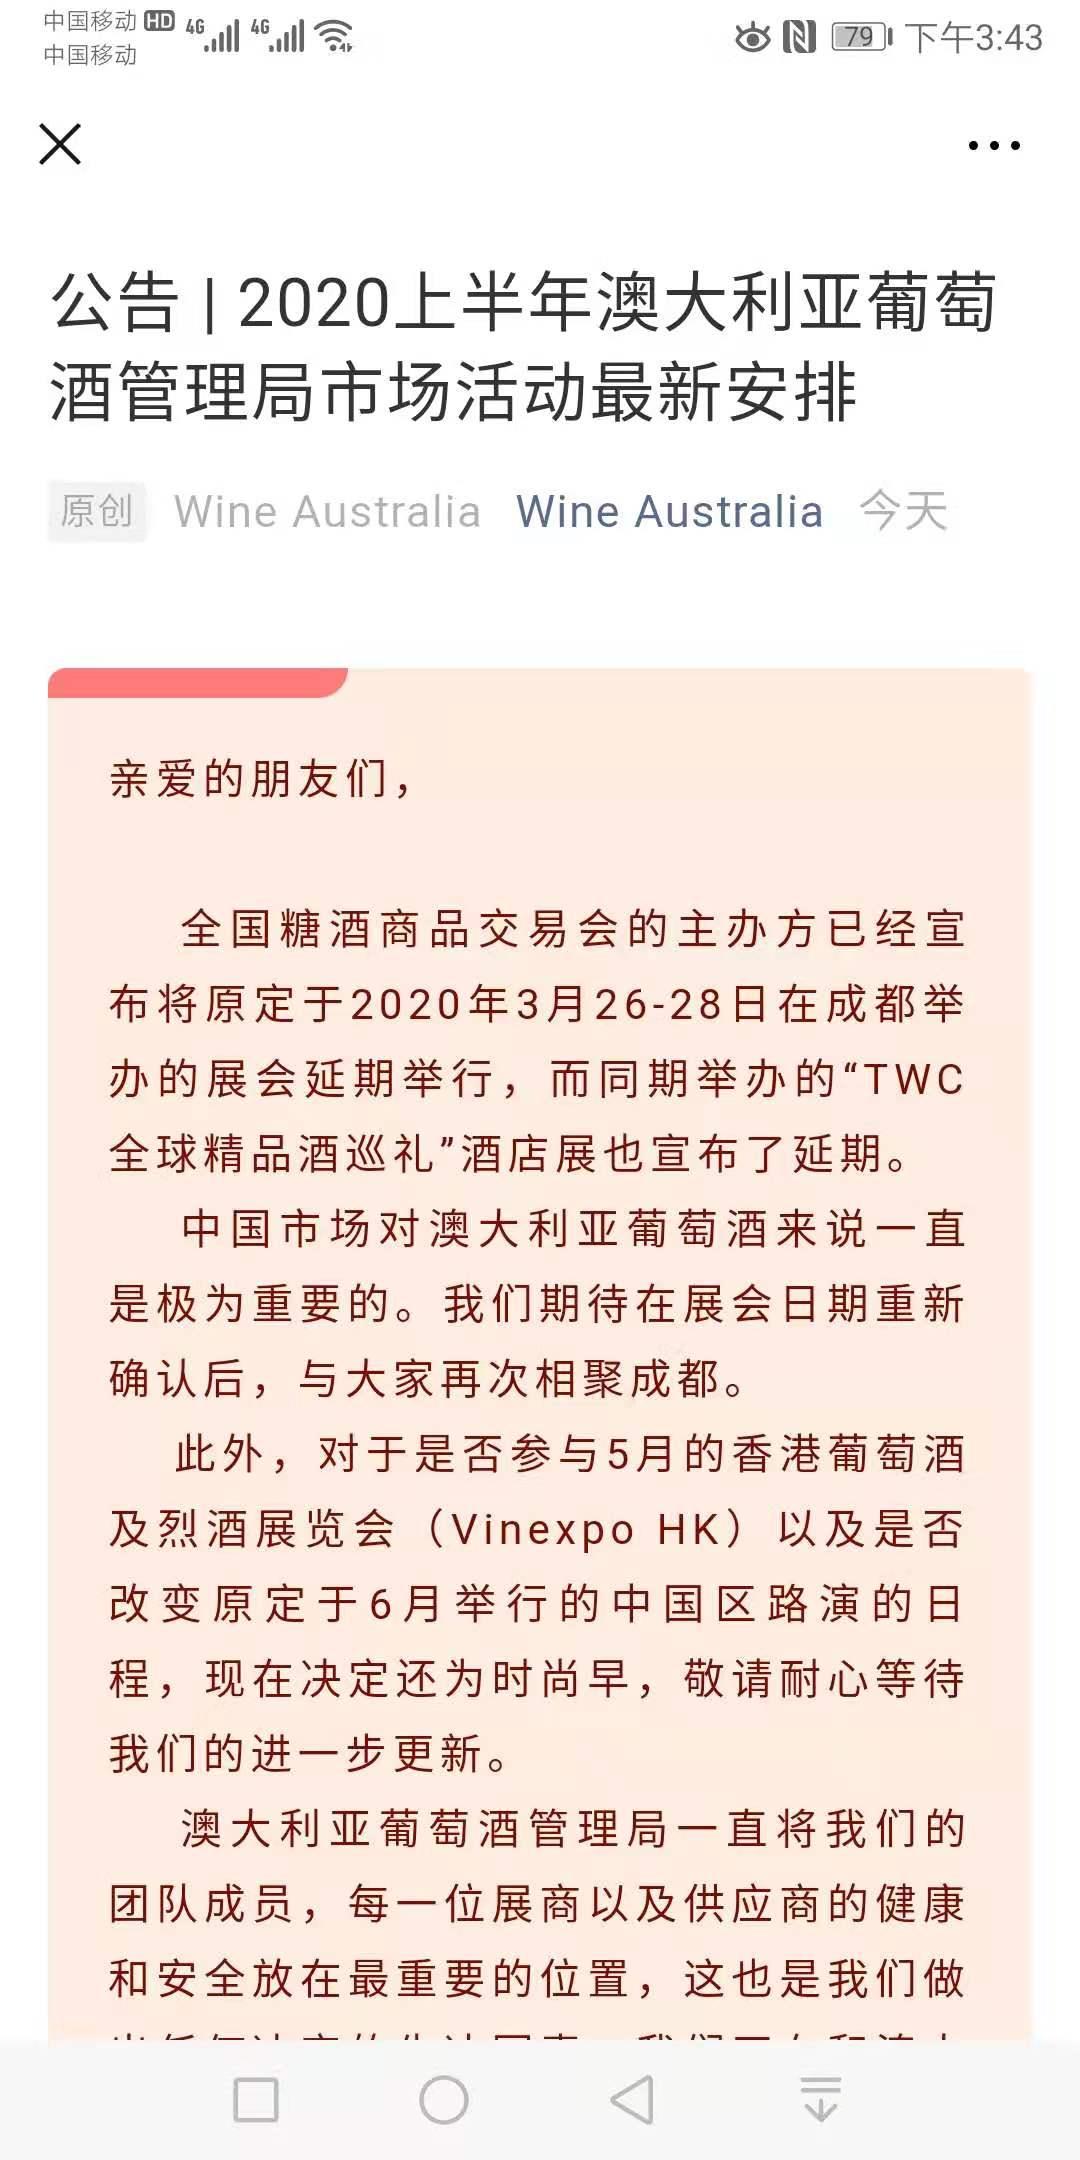 """春糖延期后续反映 澳大利亚葡萄酒管理局""""TWC全球精品酒巡礼""""相继延期"""